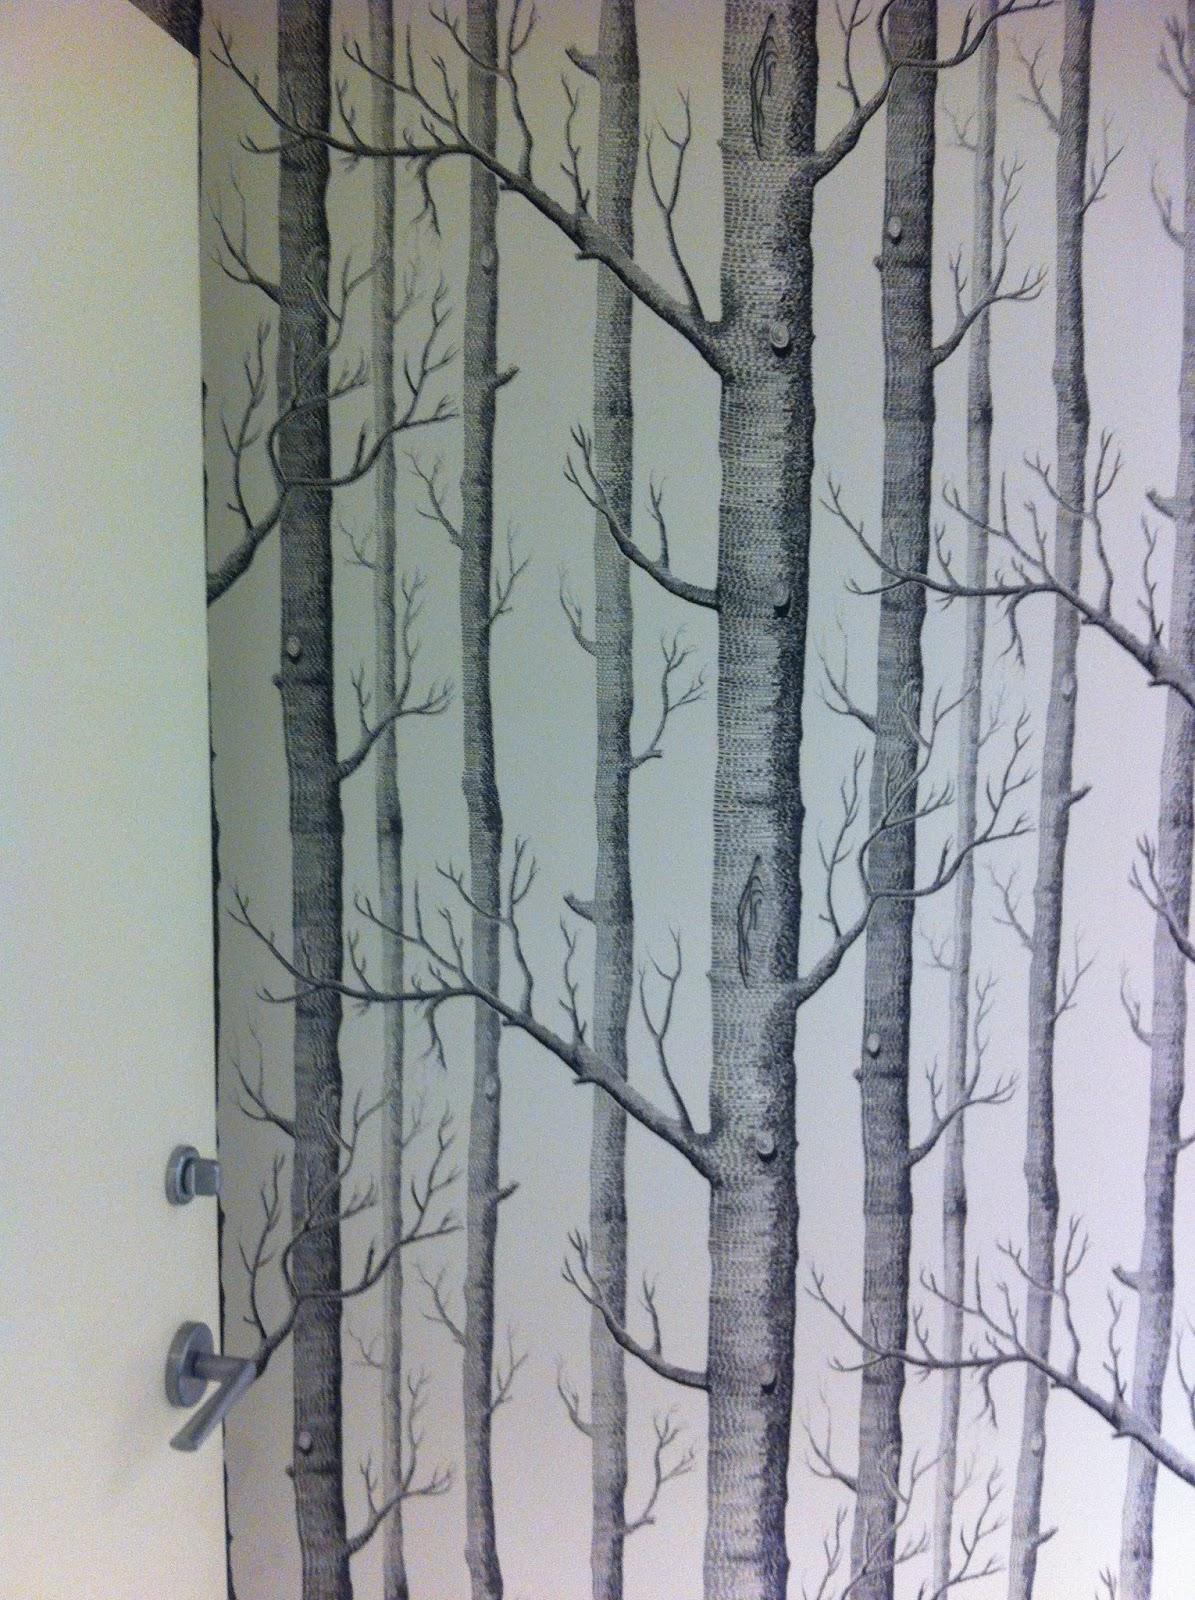 retirer vieux papier peint toulouse devis gratuit peinture plafond entreprise xnvekf. Black Bedroom Furniture Sets. Home Design Ideas